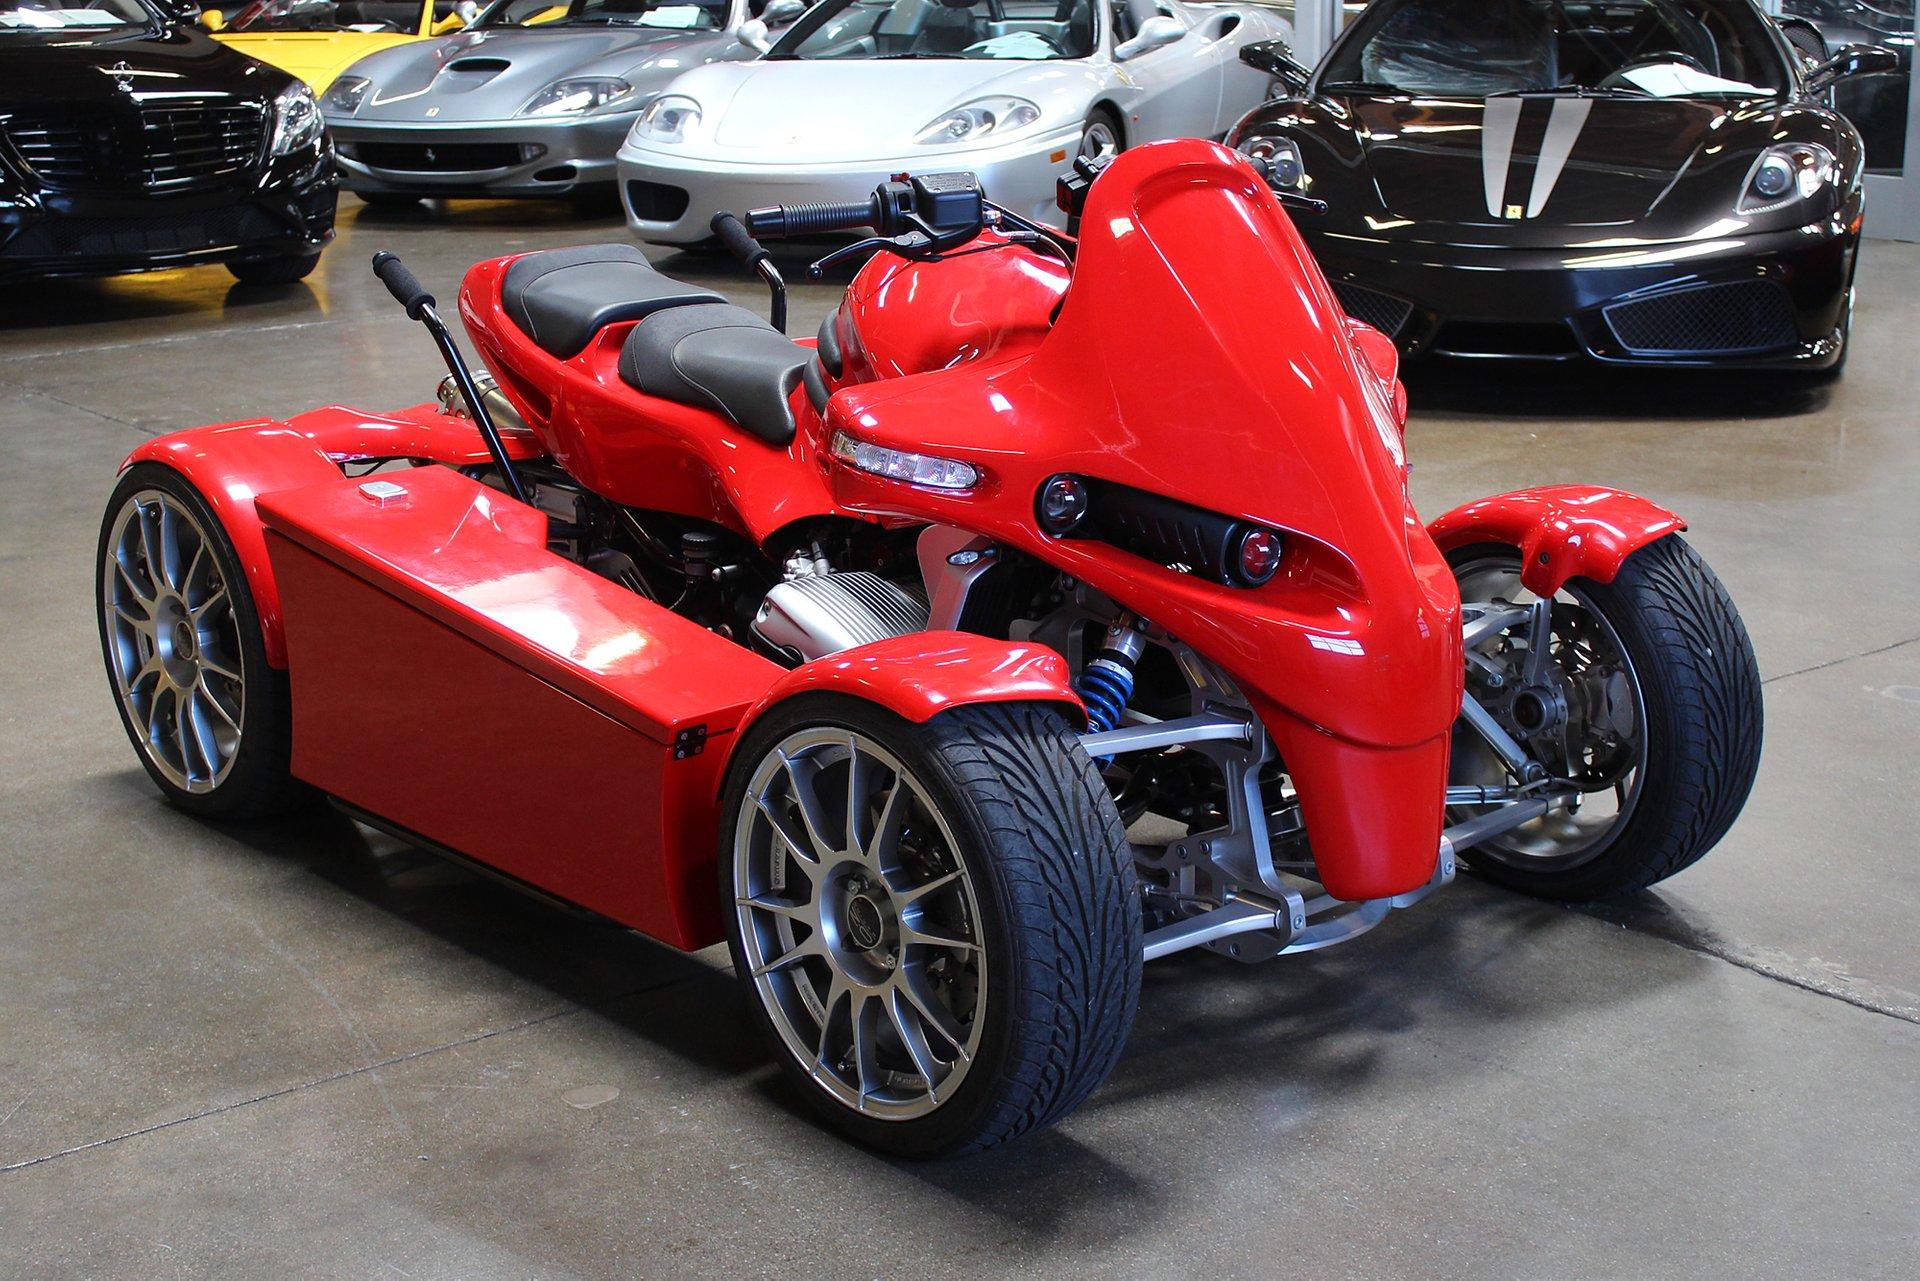 2006 bmw gg quad quad